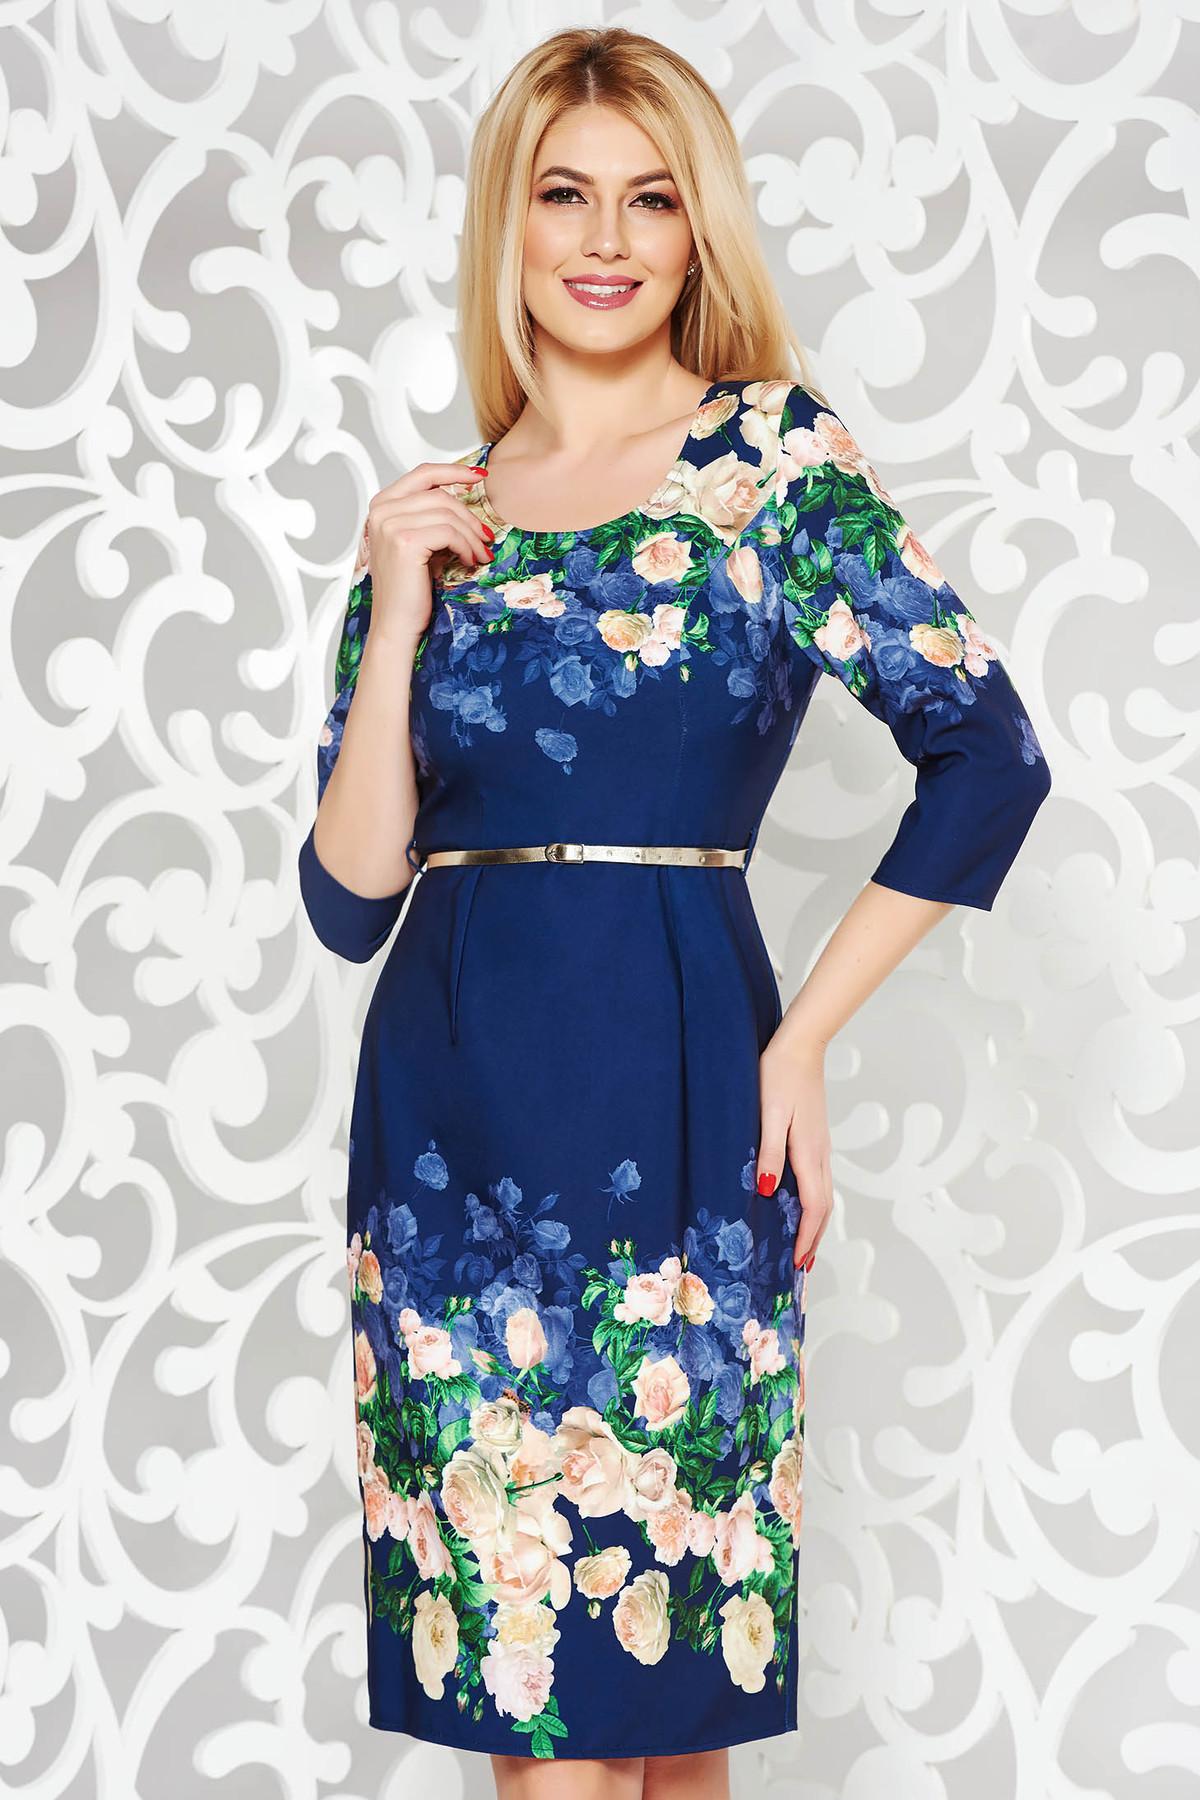 Rochie albastra-inchis eleganta tip creion cu maneca 3/4 din stofa cu imprimeu floral cu accesoriu tip curea